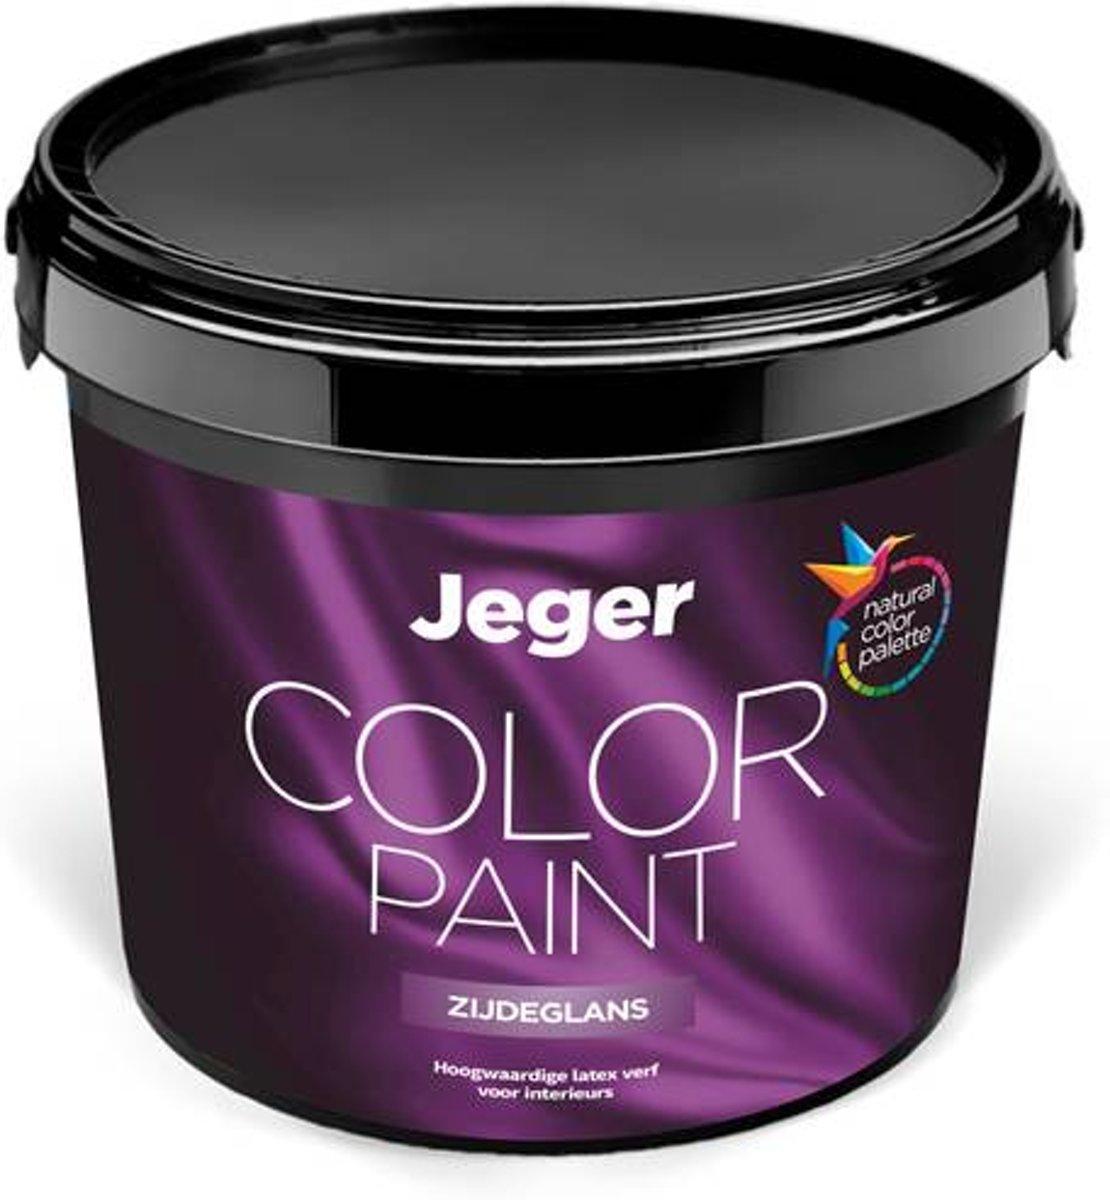 Jeger muurverf Zijdeglans voor binnen | 5 liter | Kleur Okergeel (RAL 1024) Okergeel - 5L